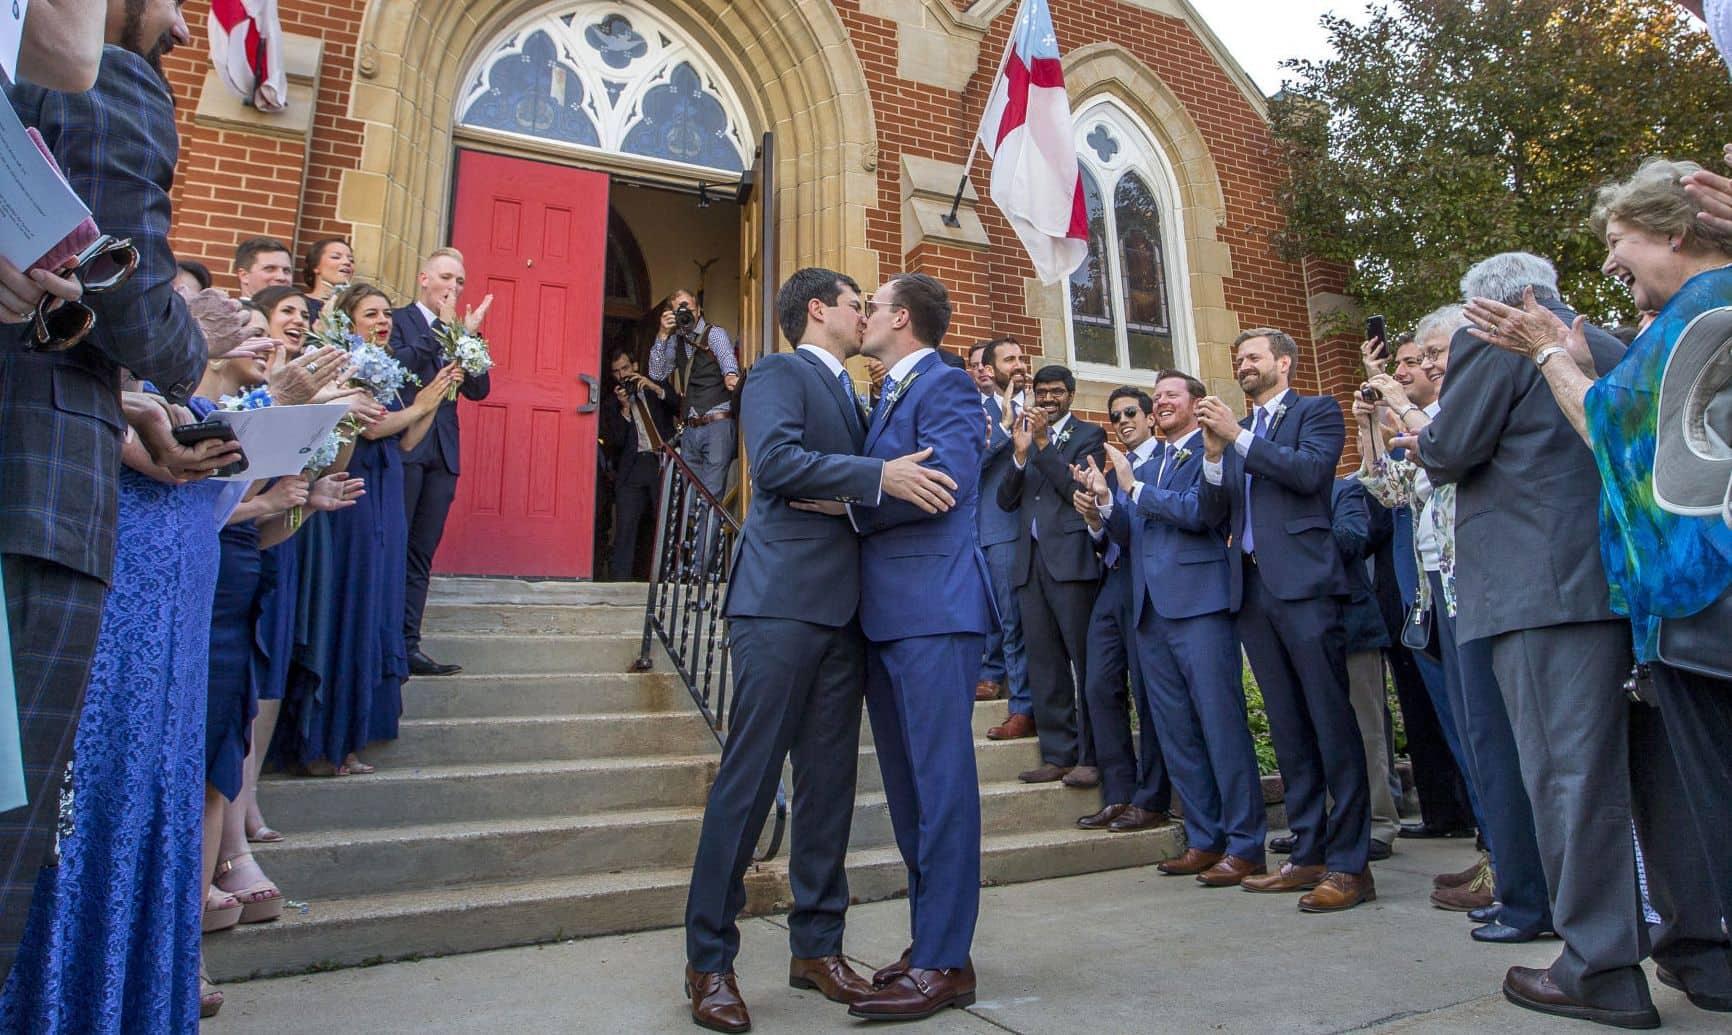 Pete Buttigieg and Chasten Glezman's wedding